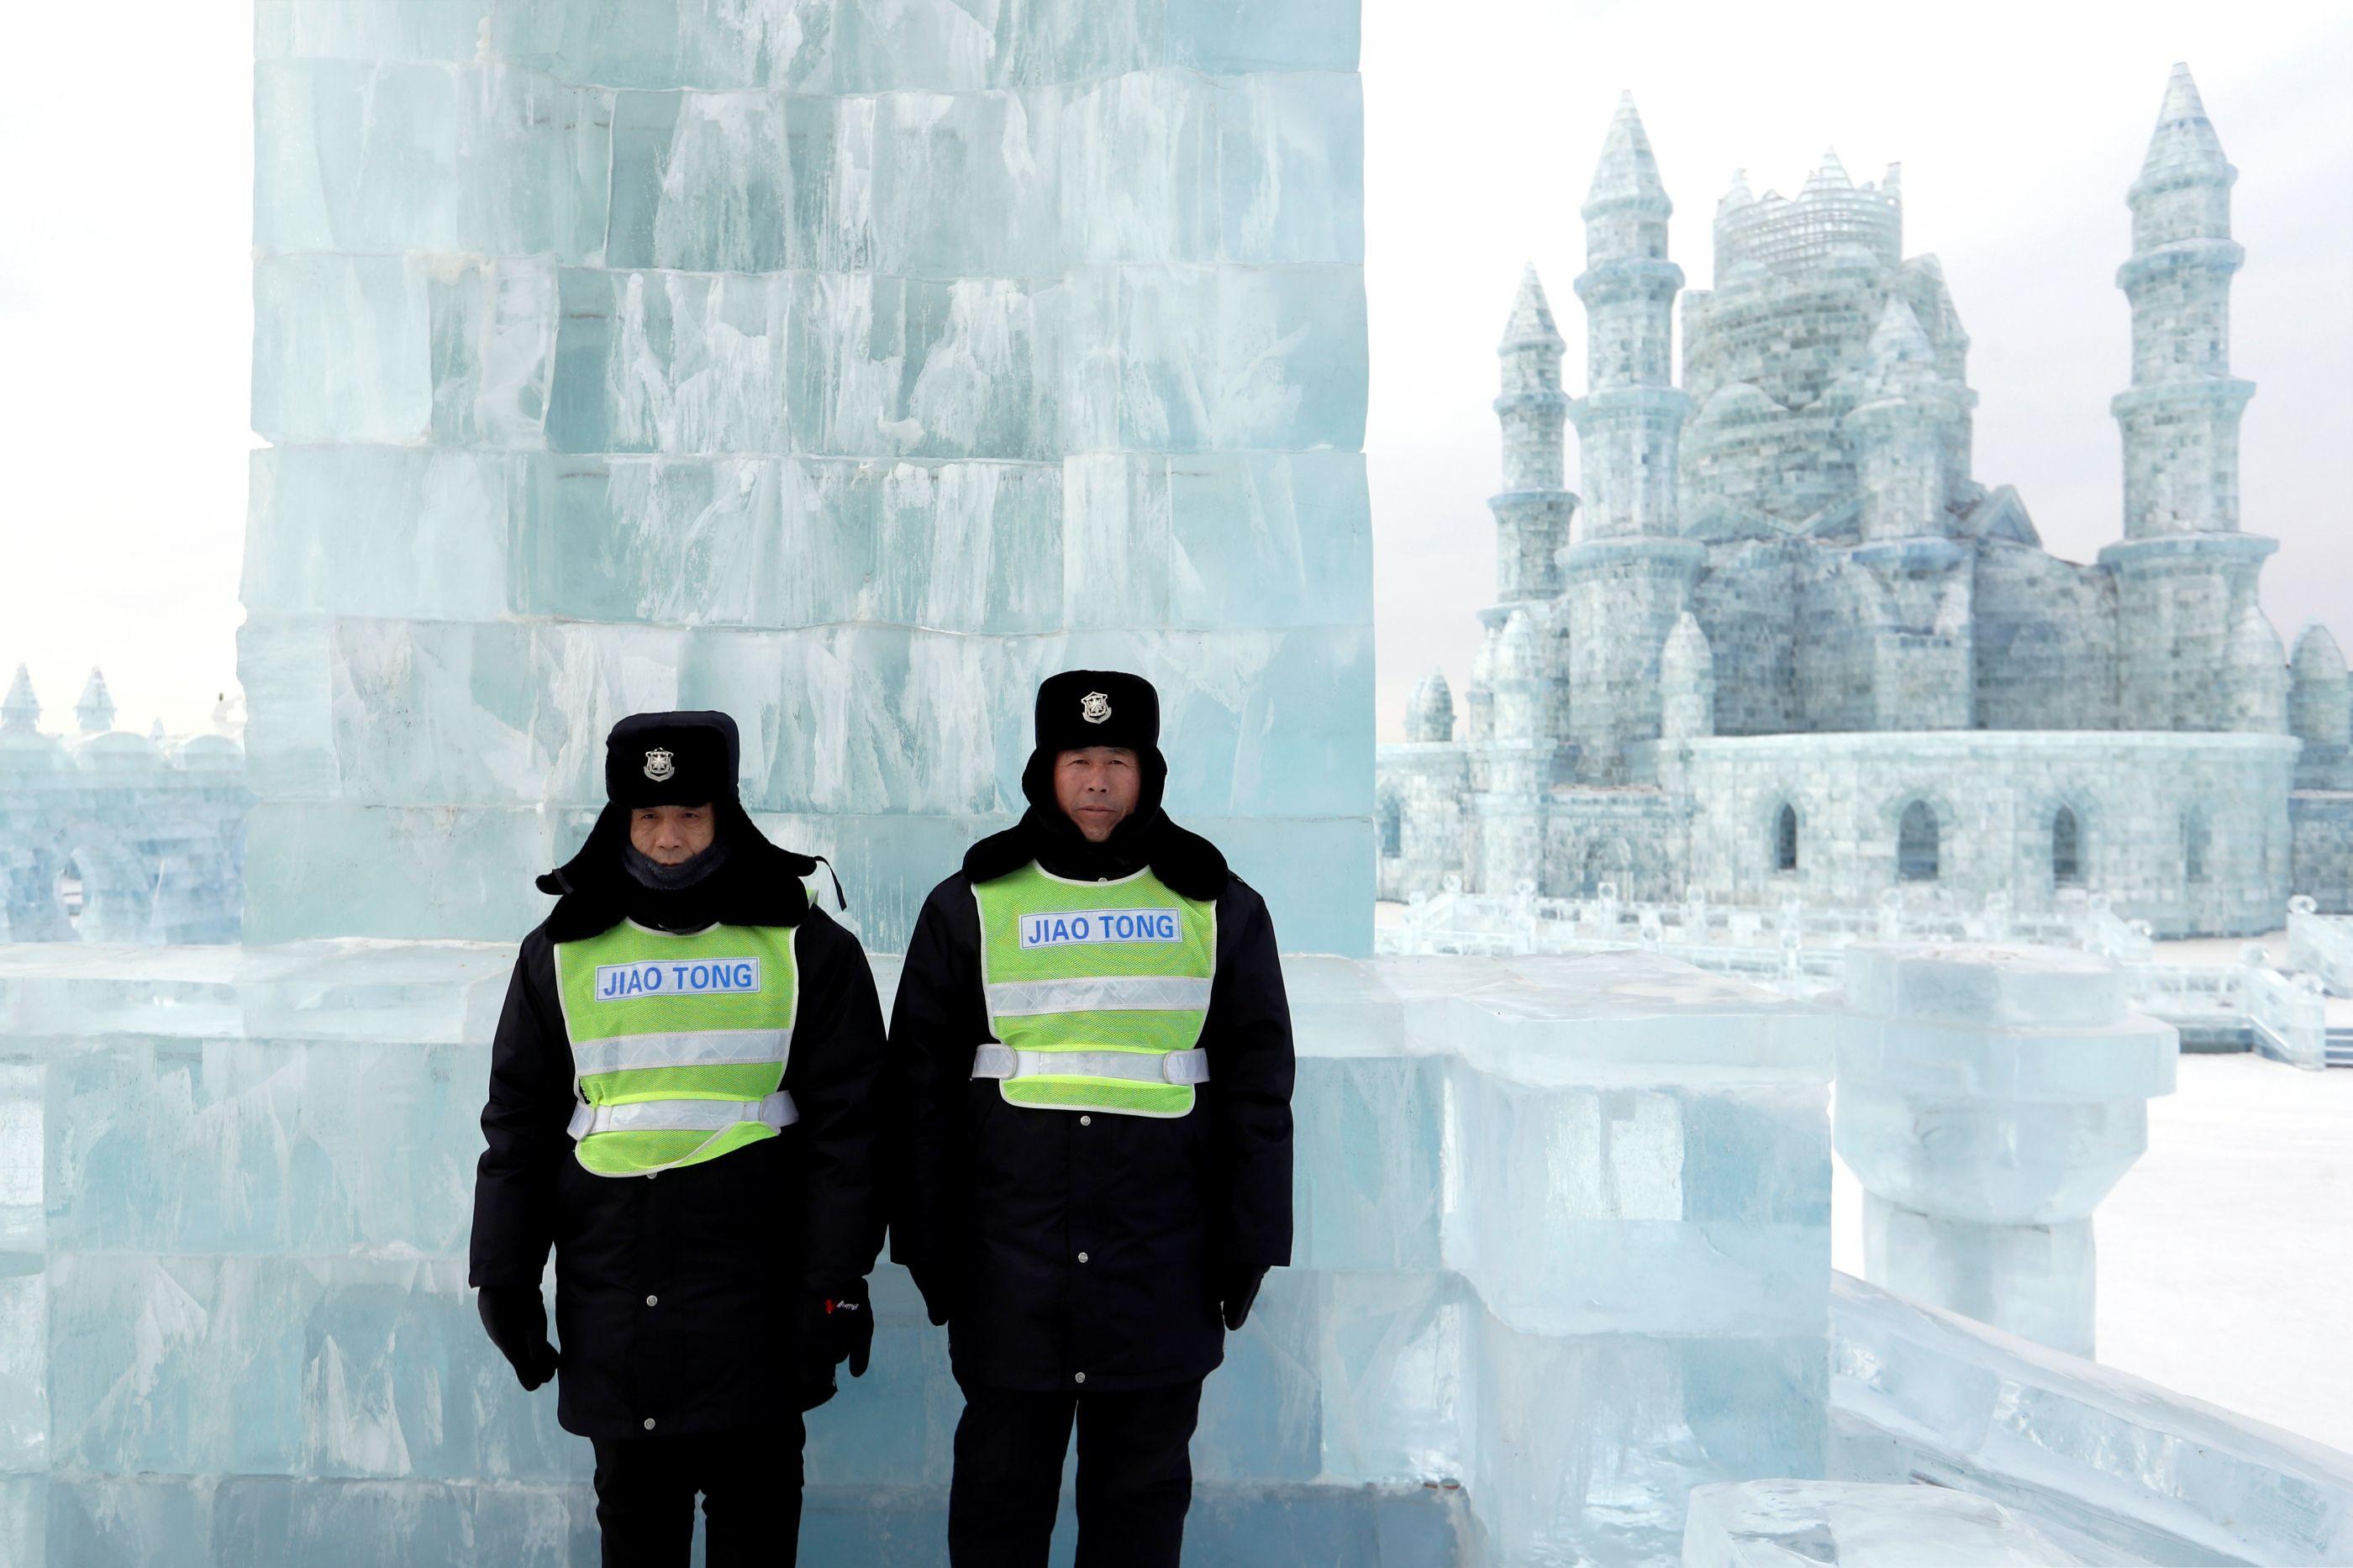 Cidade de gelo na China rivaliza com o palácio de 'Frozen'; veja fotos